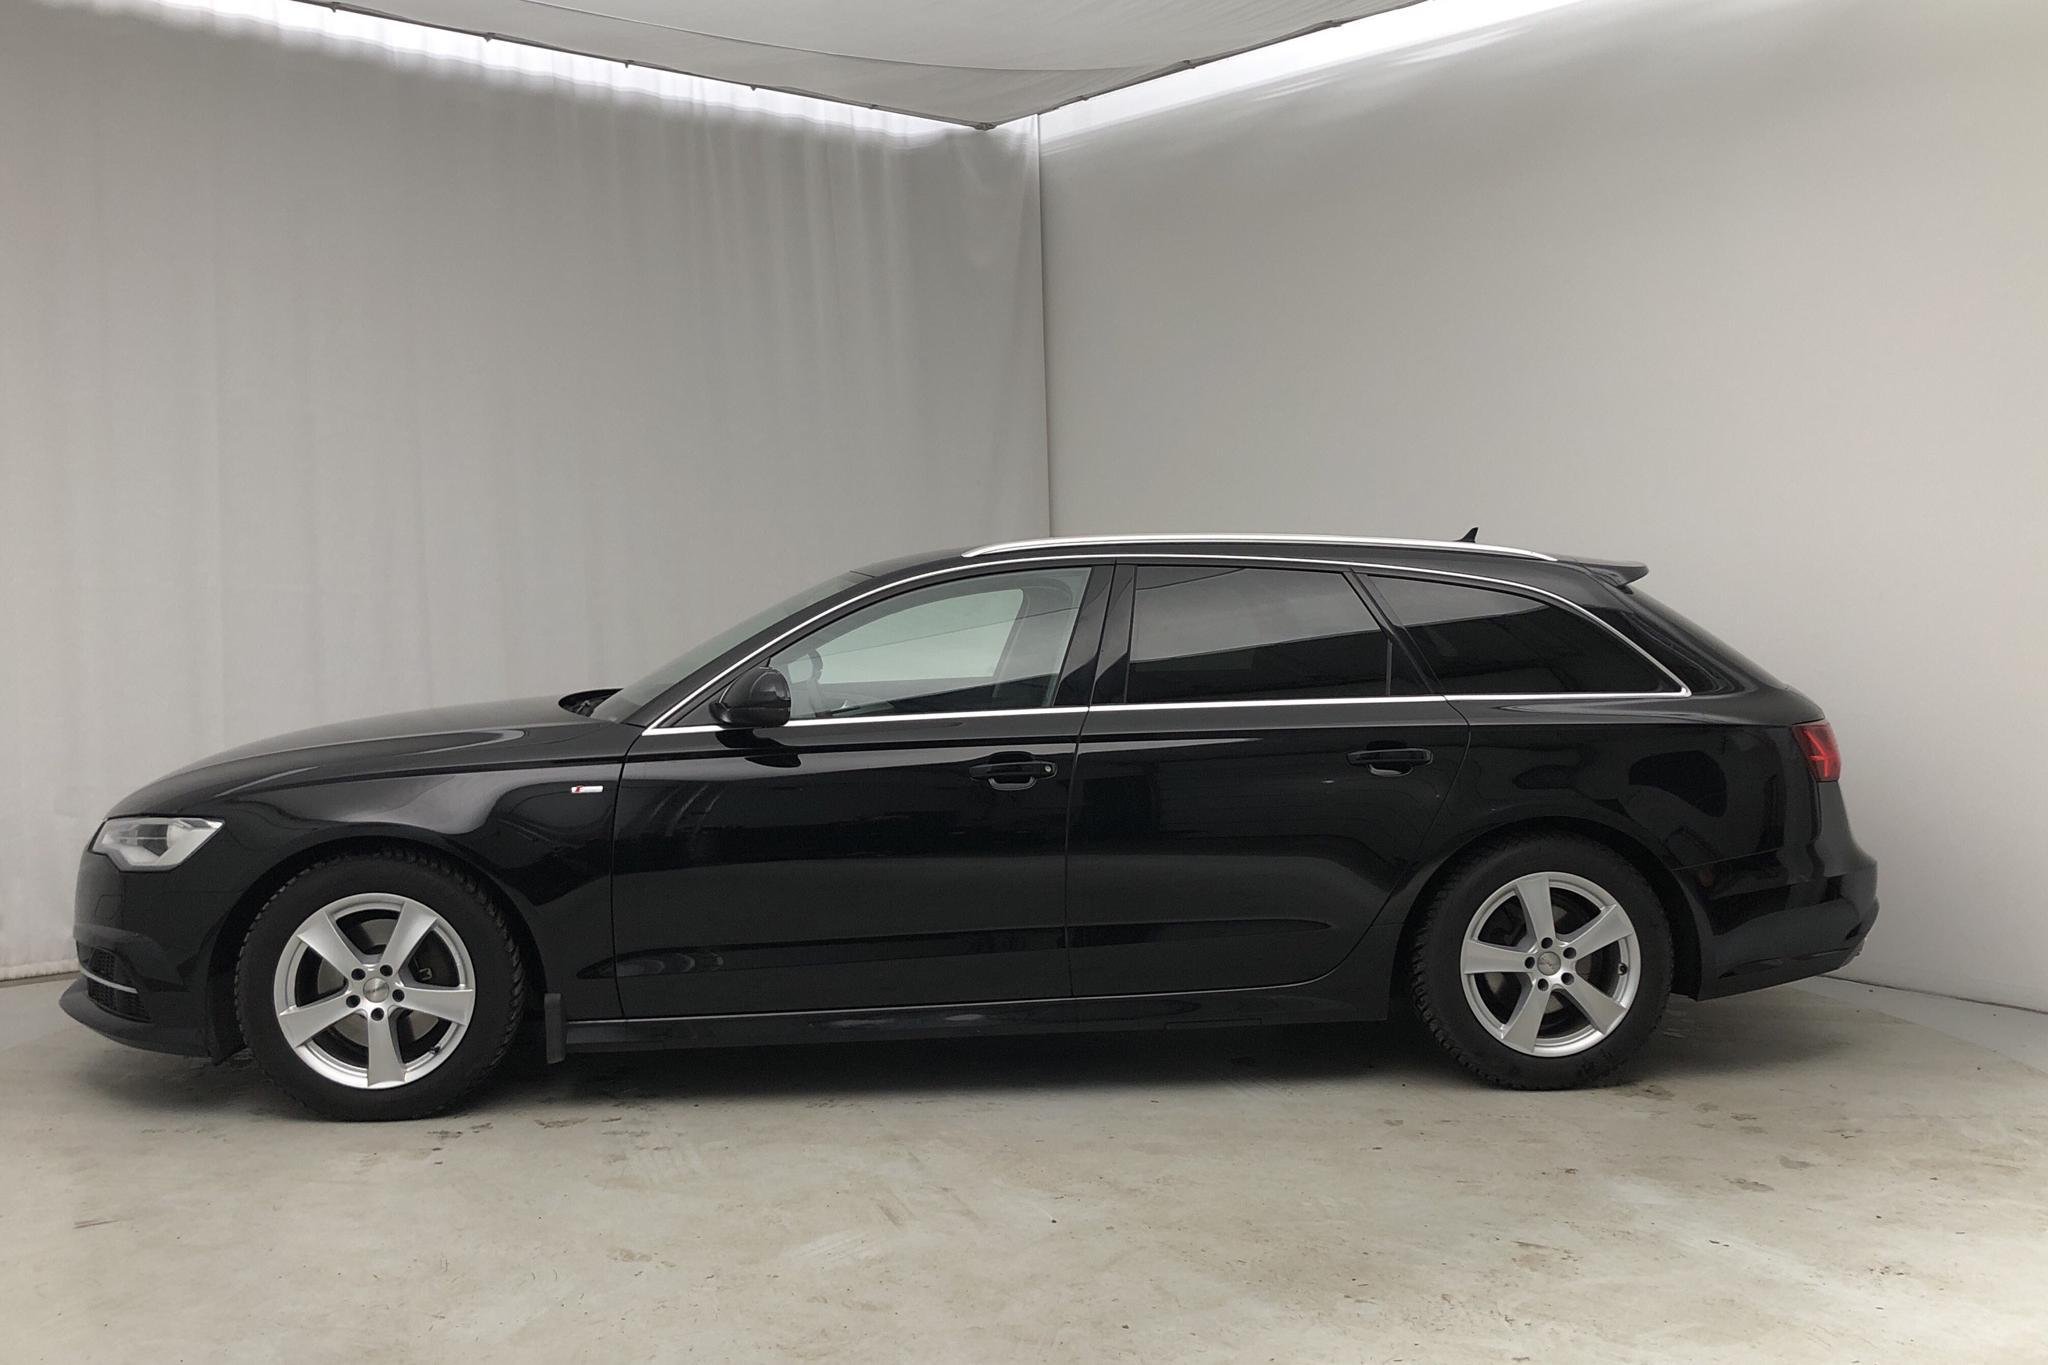 Audi A6 2.0 TDI Avant (190hk) - 8 433 mil - Manuell - svart - 2017